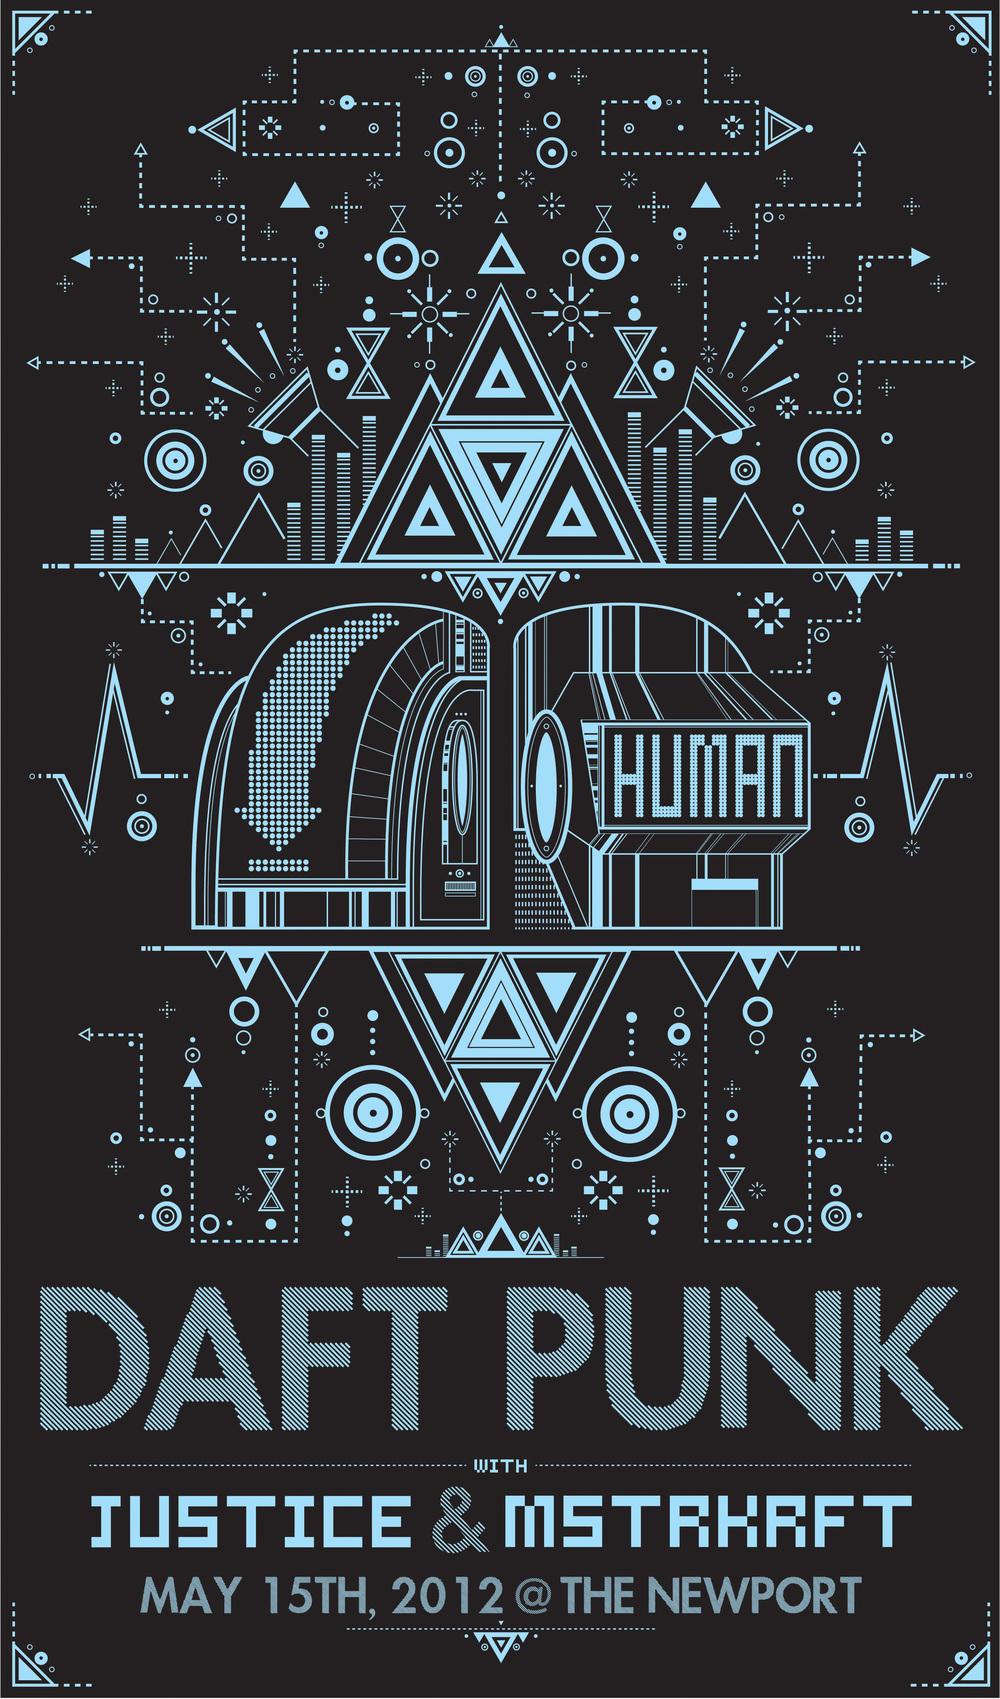 Drawn poster punk gig 2012 Daft Roll n' +